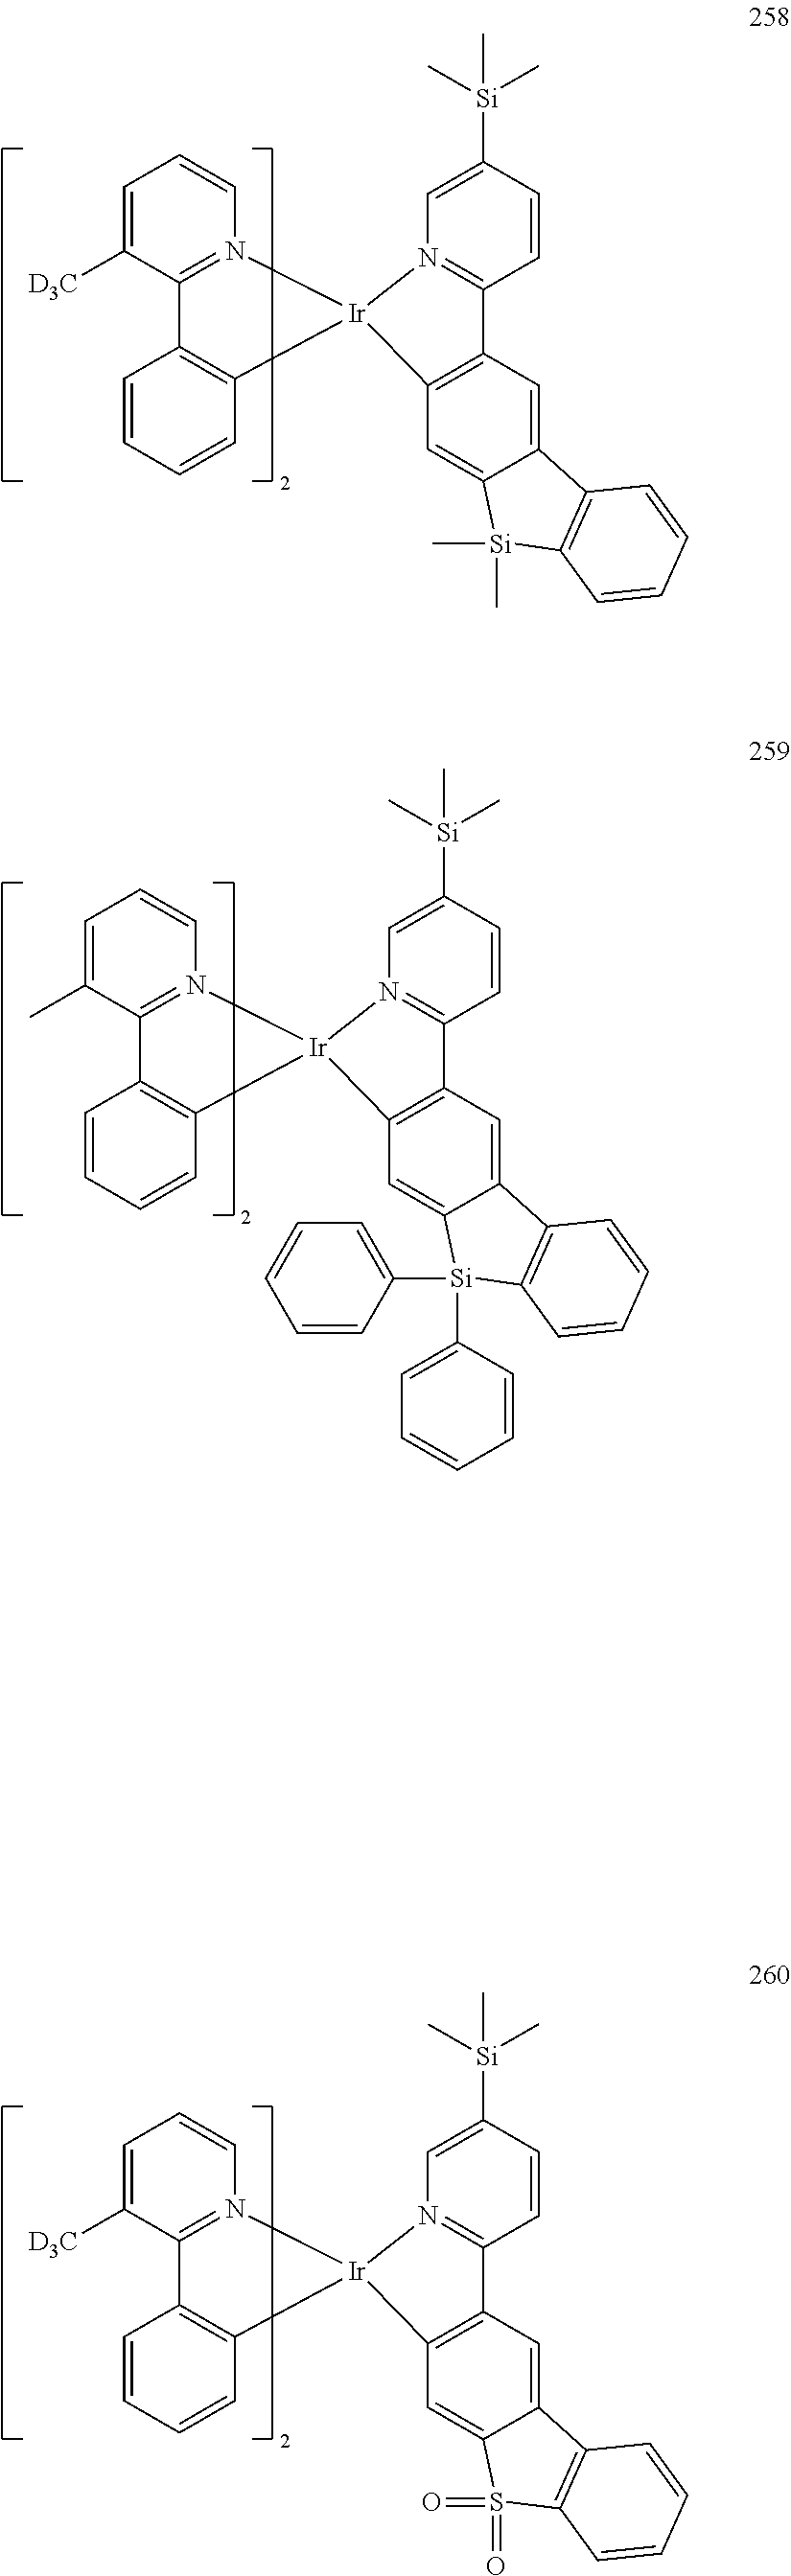 Figure US20160155962A1-20160602-C00402